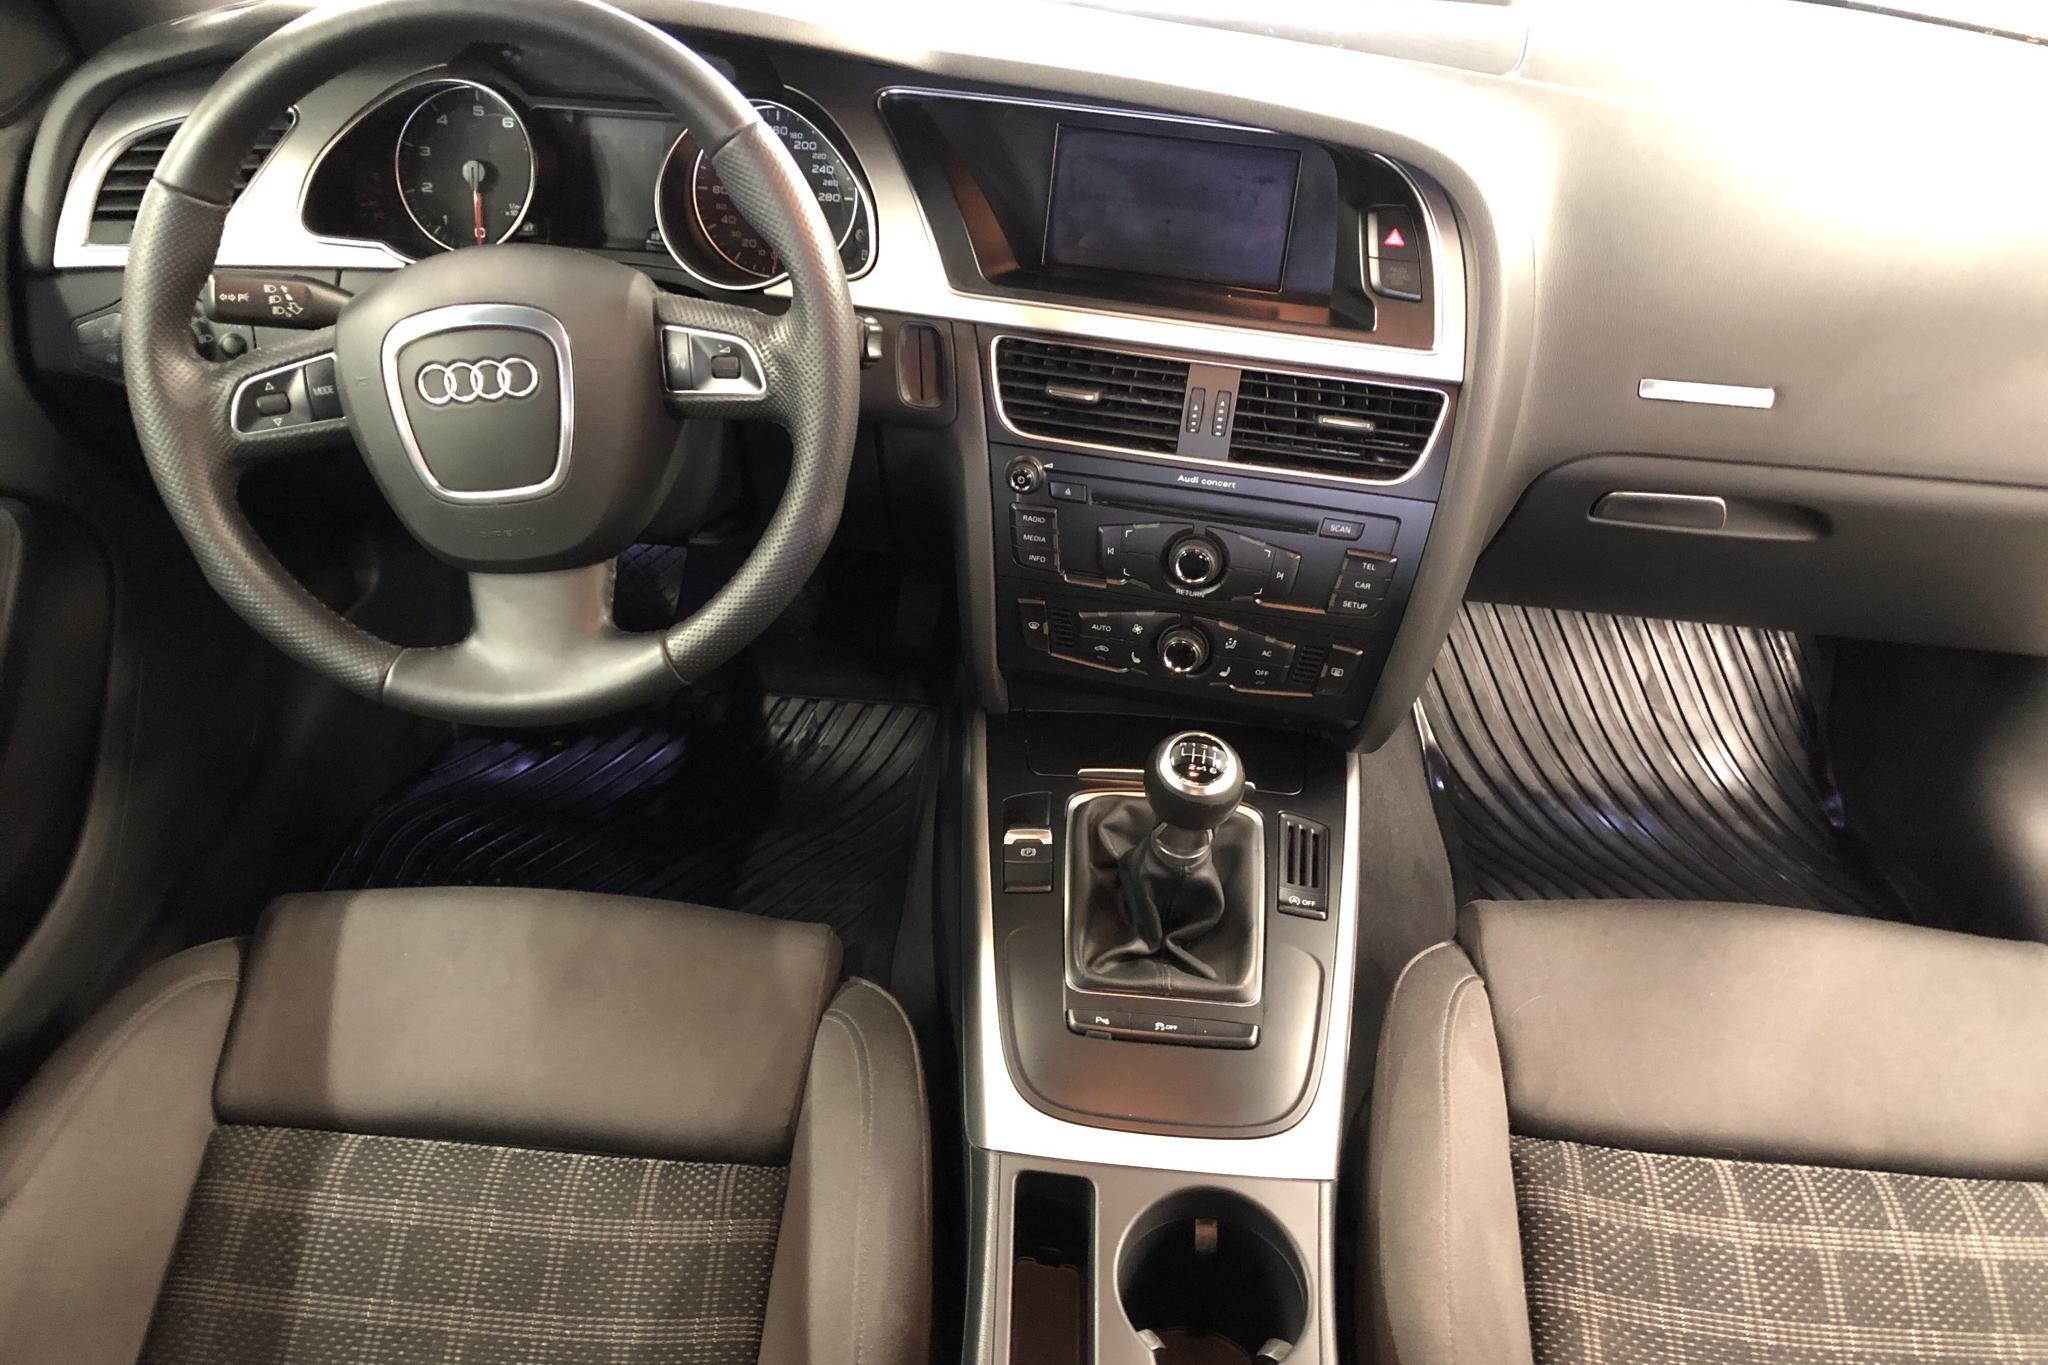 Audi A5 2.0 TFSI Sportback (180hk) - 256 450 km - Manual - white - 2011